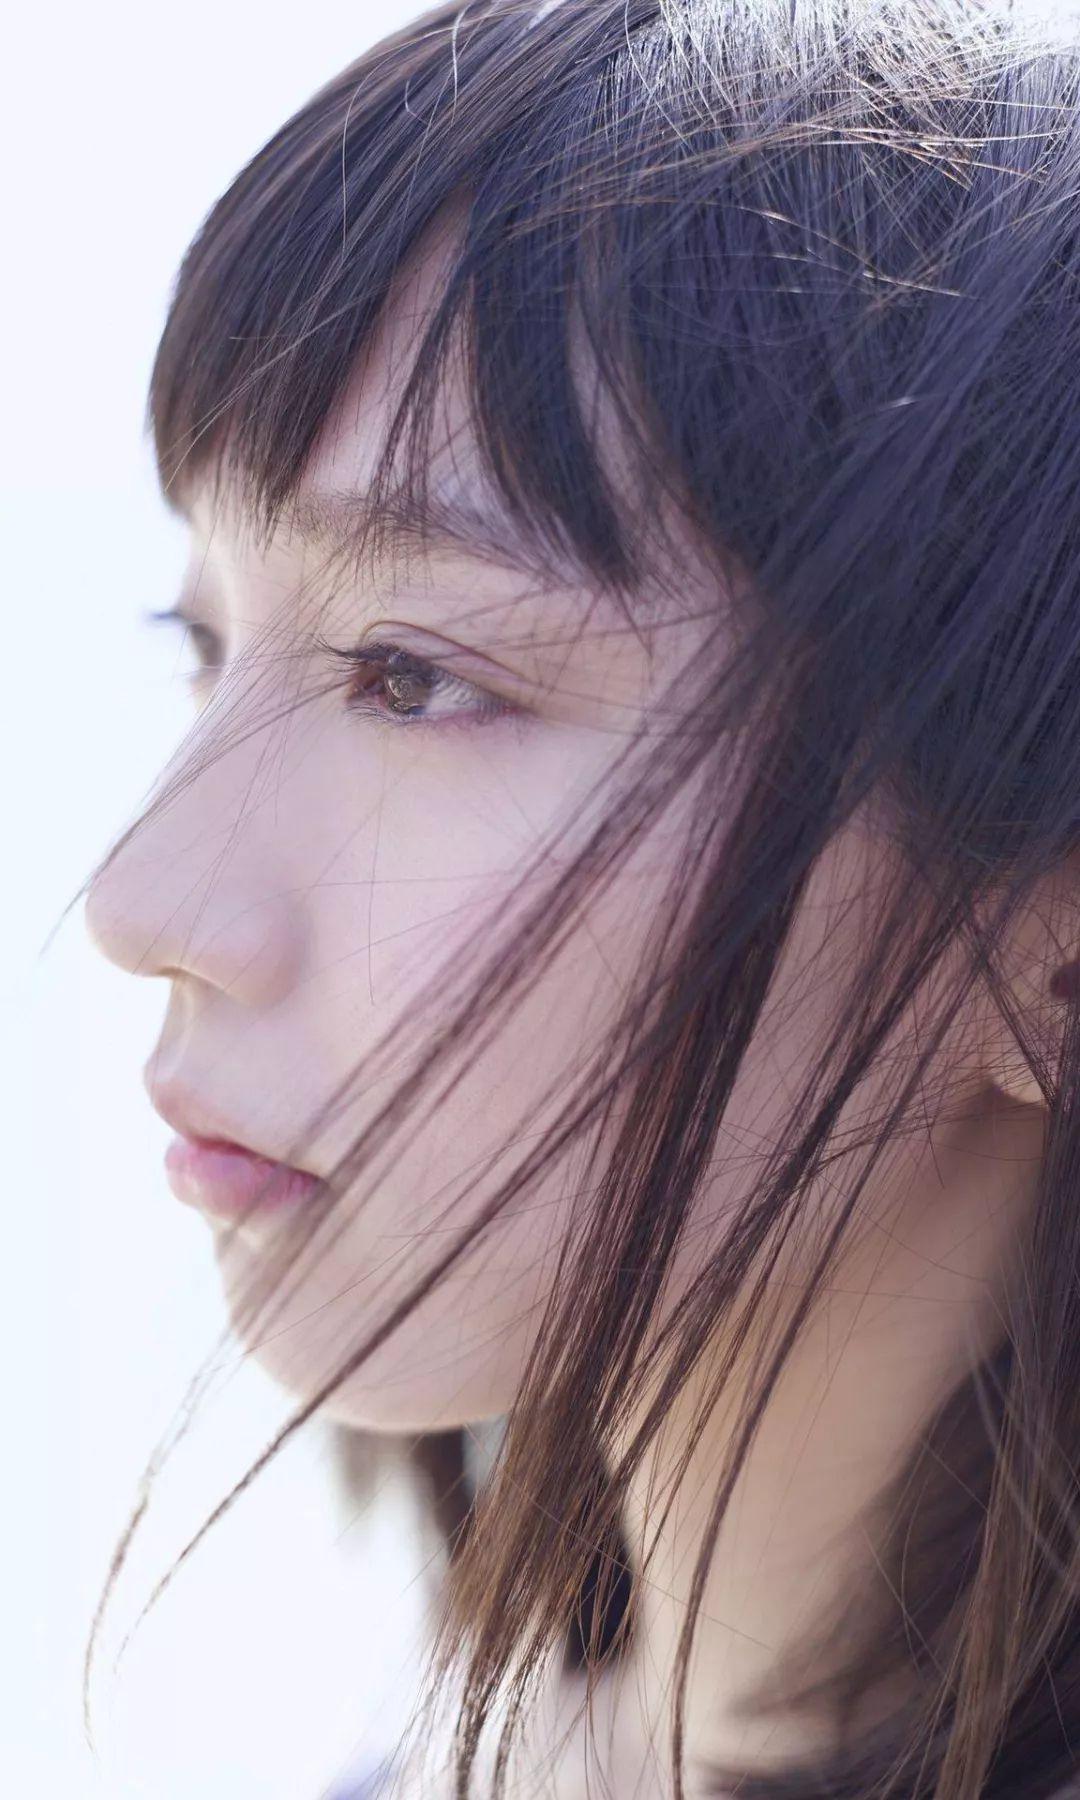 吉岡里帆 - 「ロングロングバケーション」(Kindle)